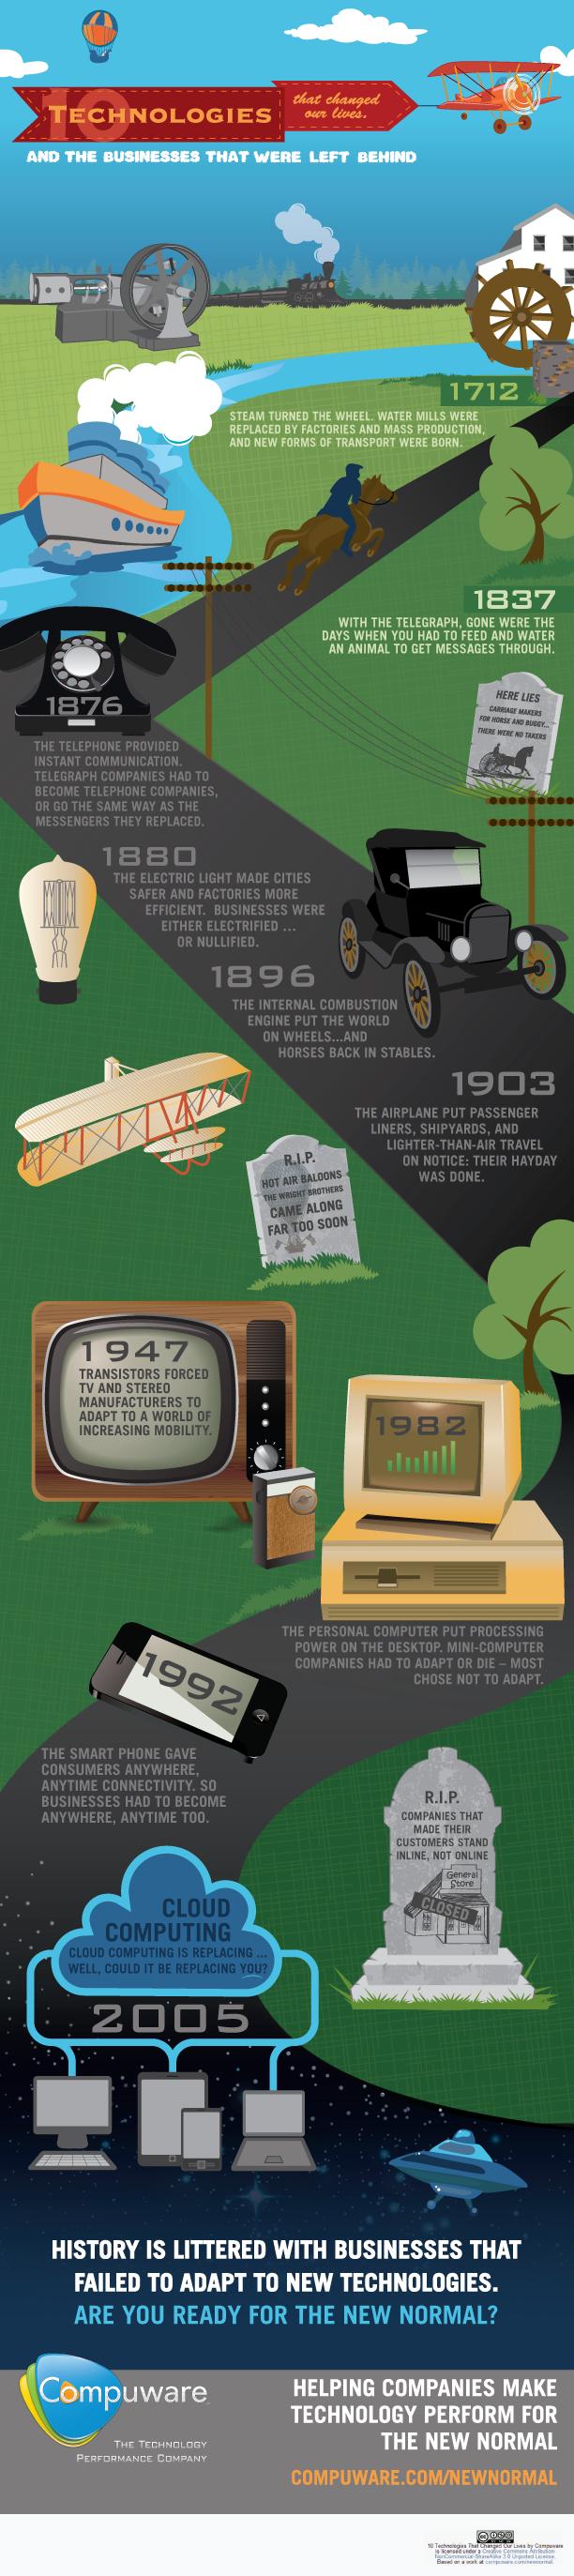 기술이 세상을 변화시킨 역사